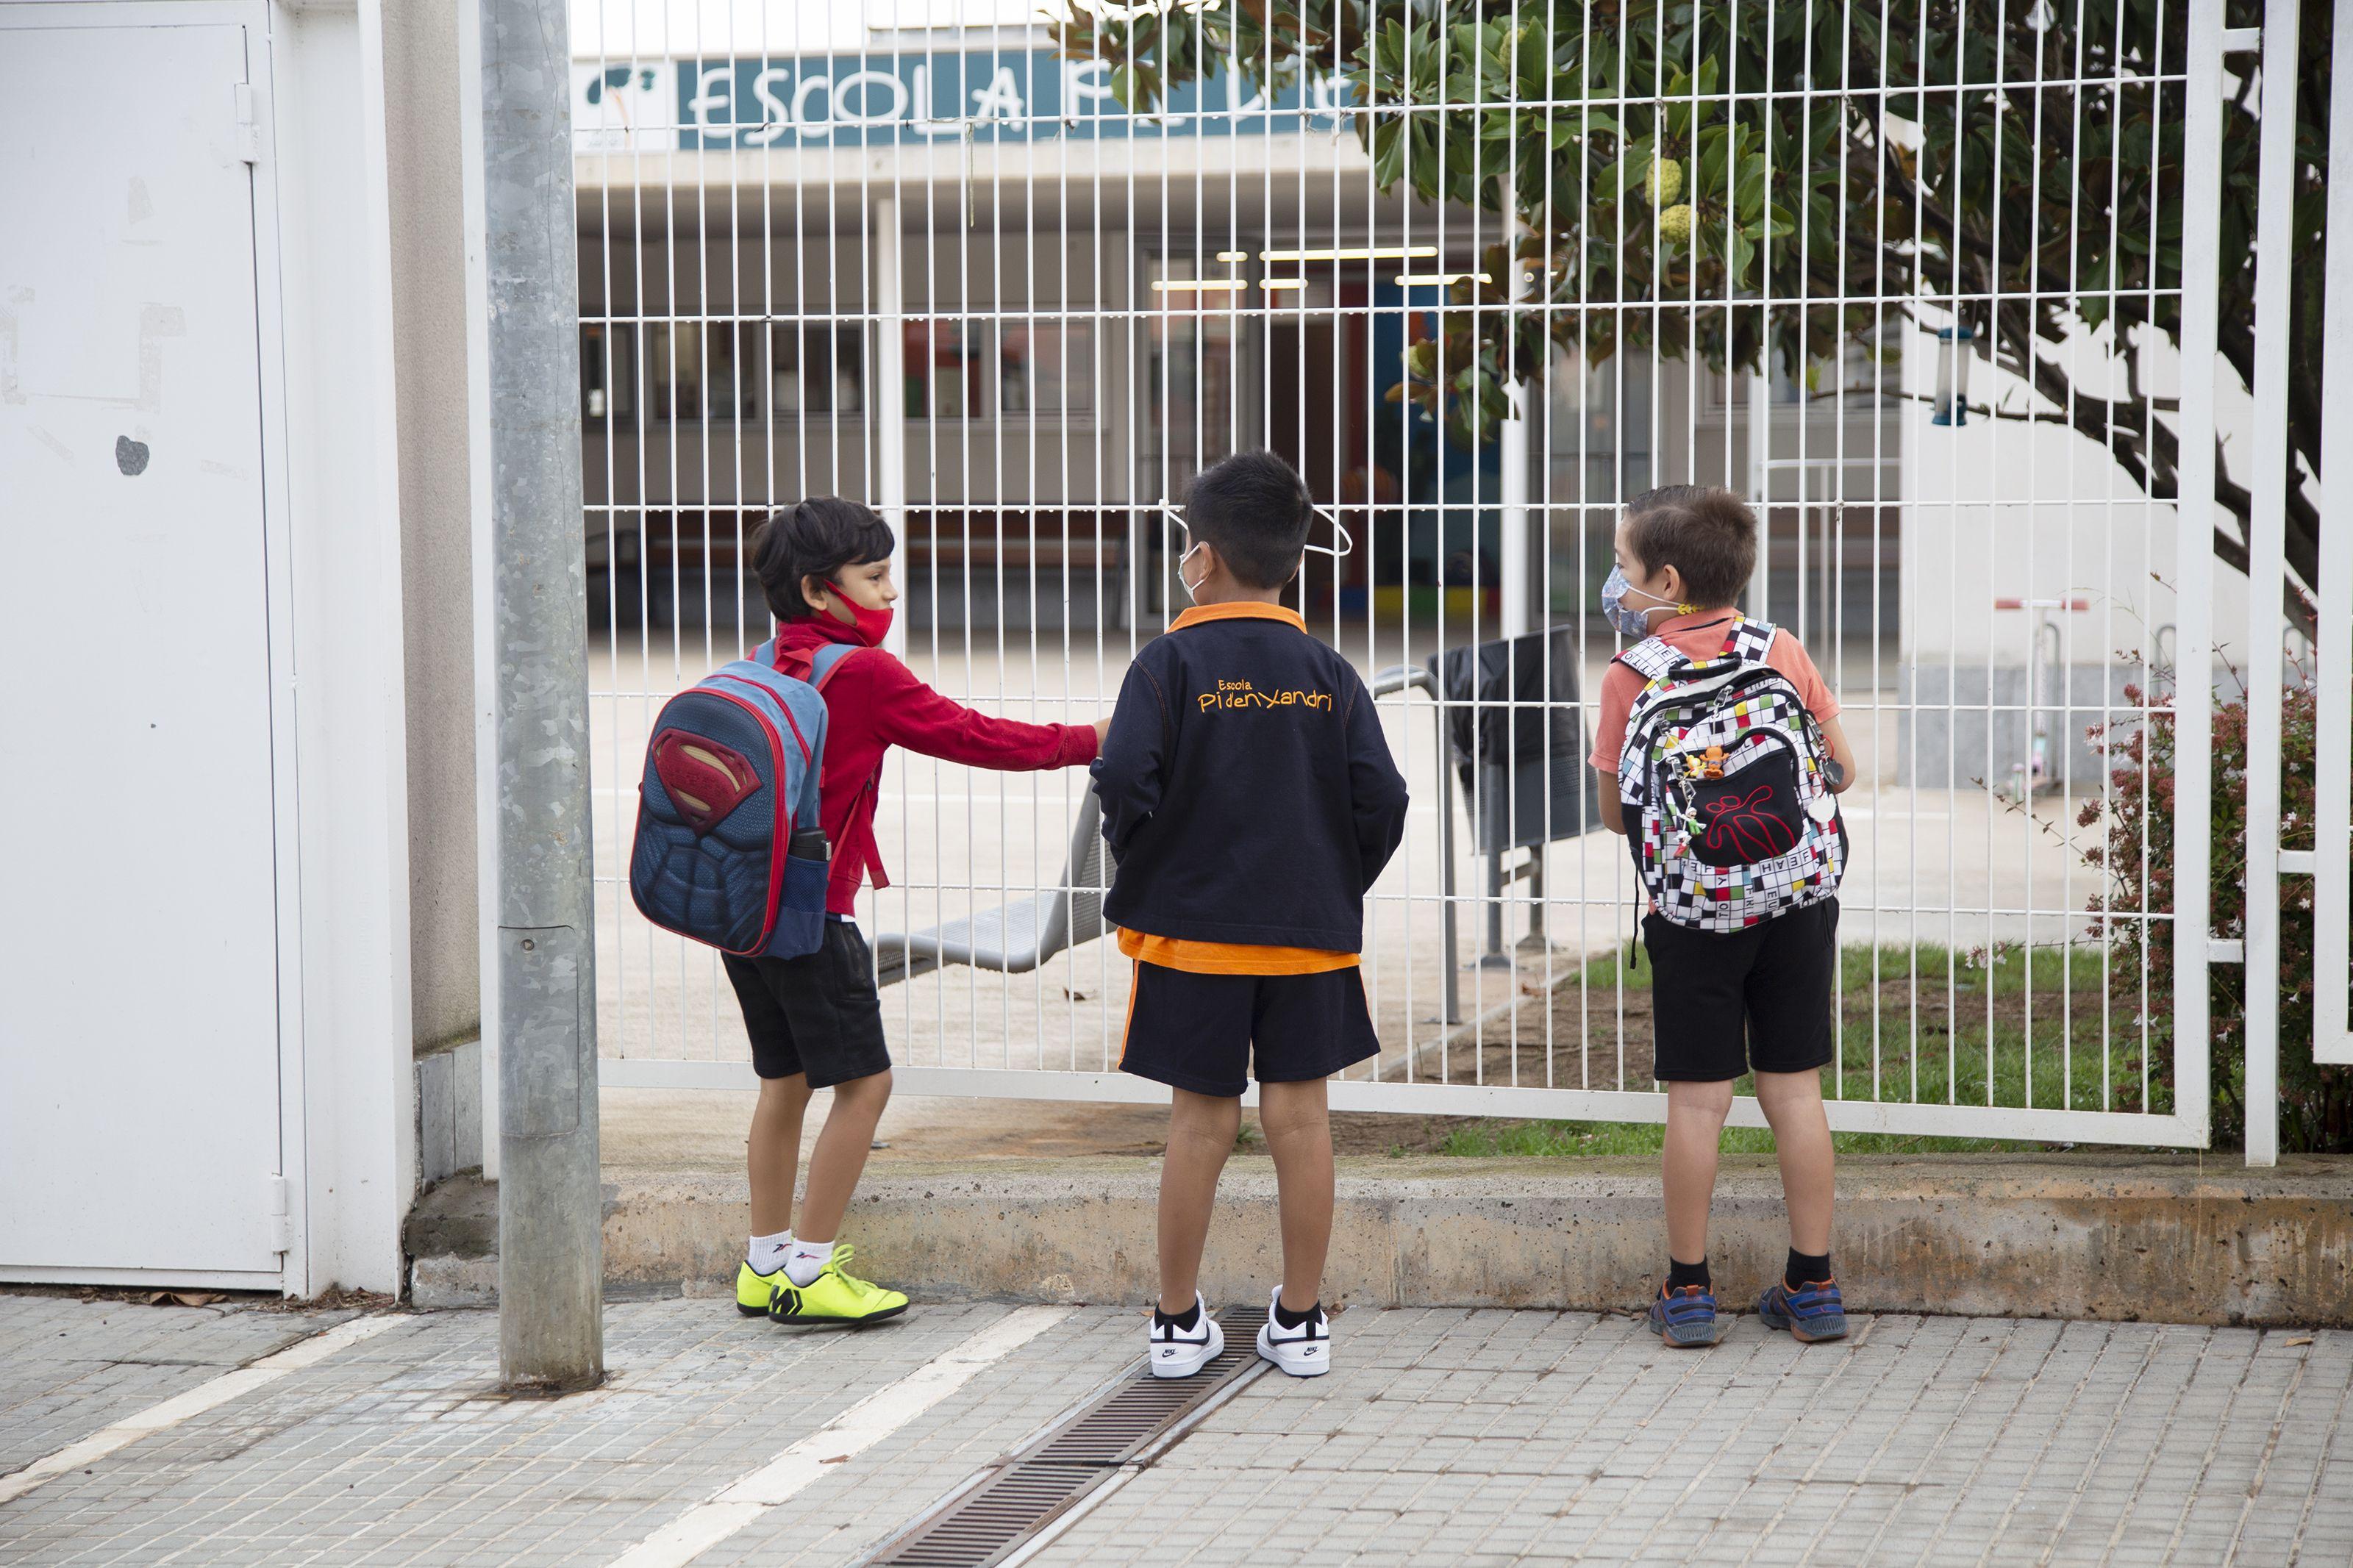 Primer dia d'escola al CEIP Pi d'en Xandri. Foto: Anna Bassa